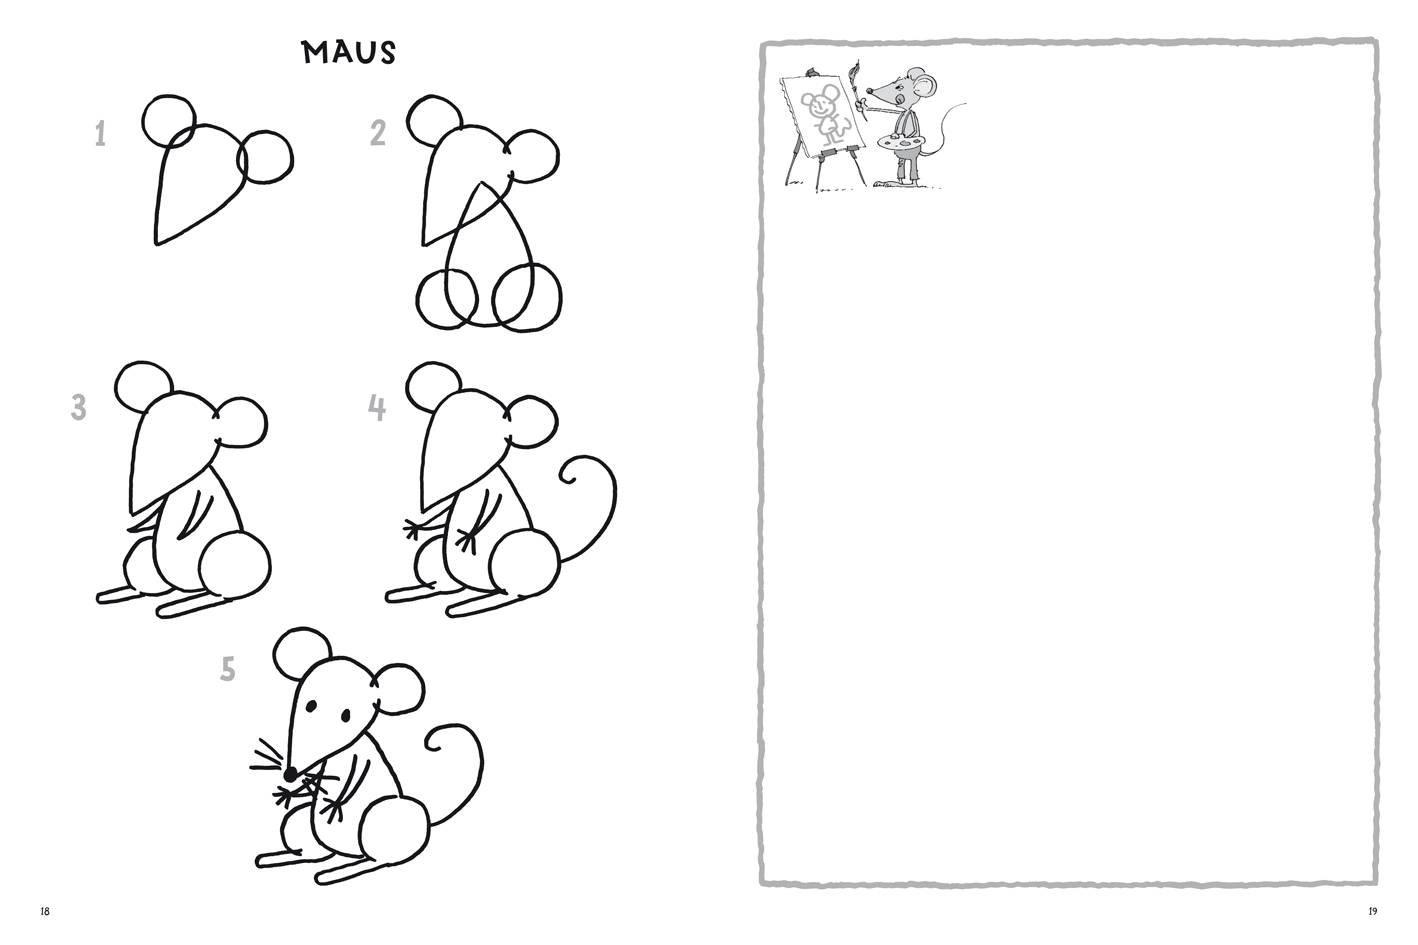 Tiere Zeichnen Schritt Für Schritt Zeichnen Lernen Ab 4